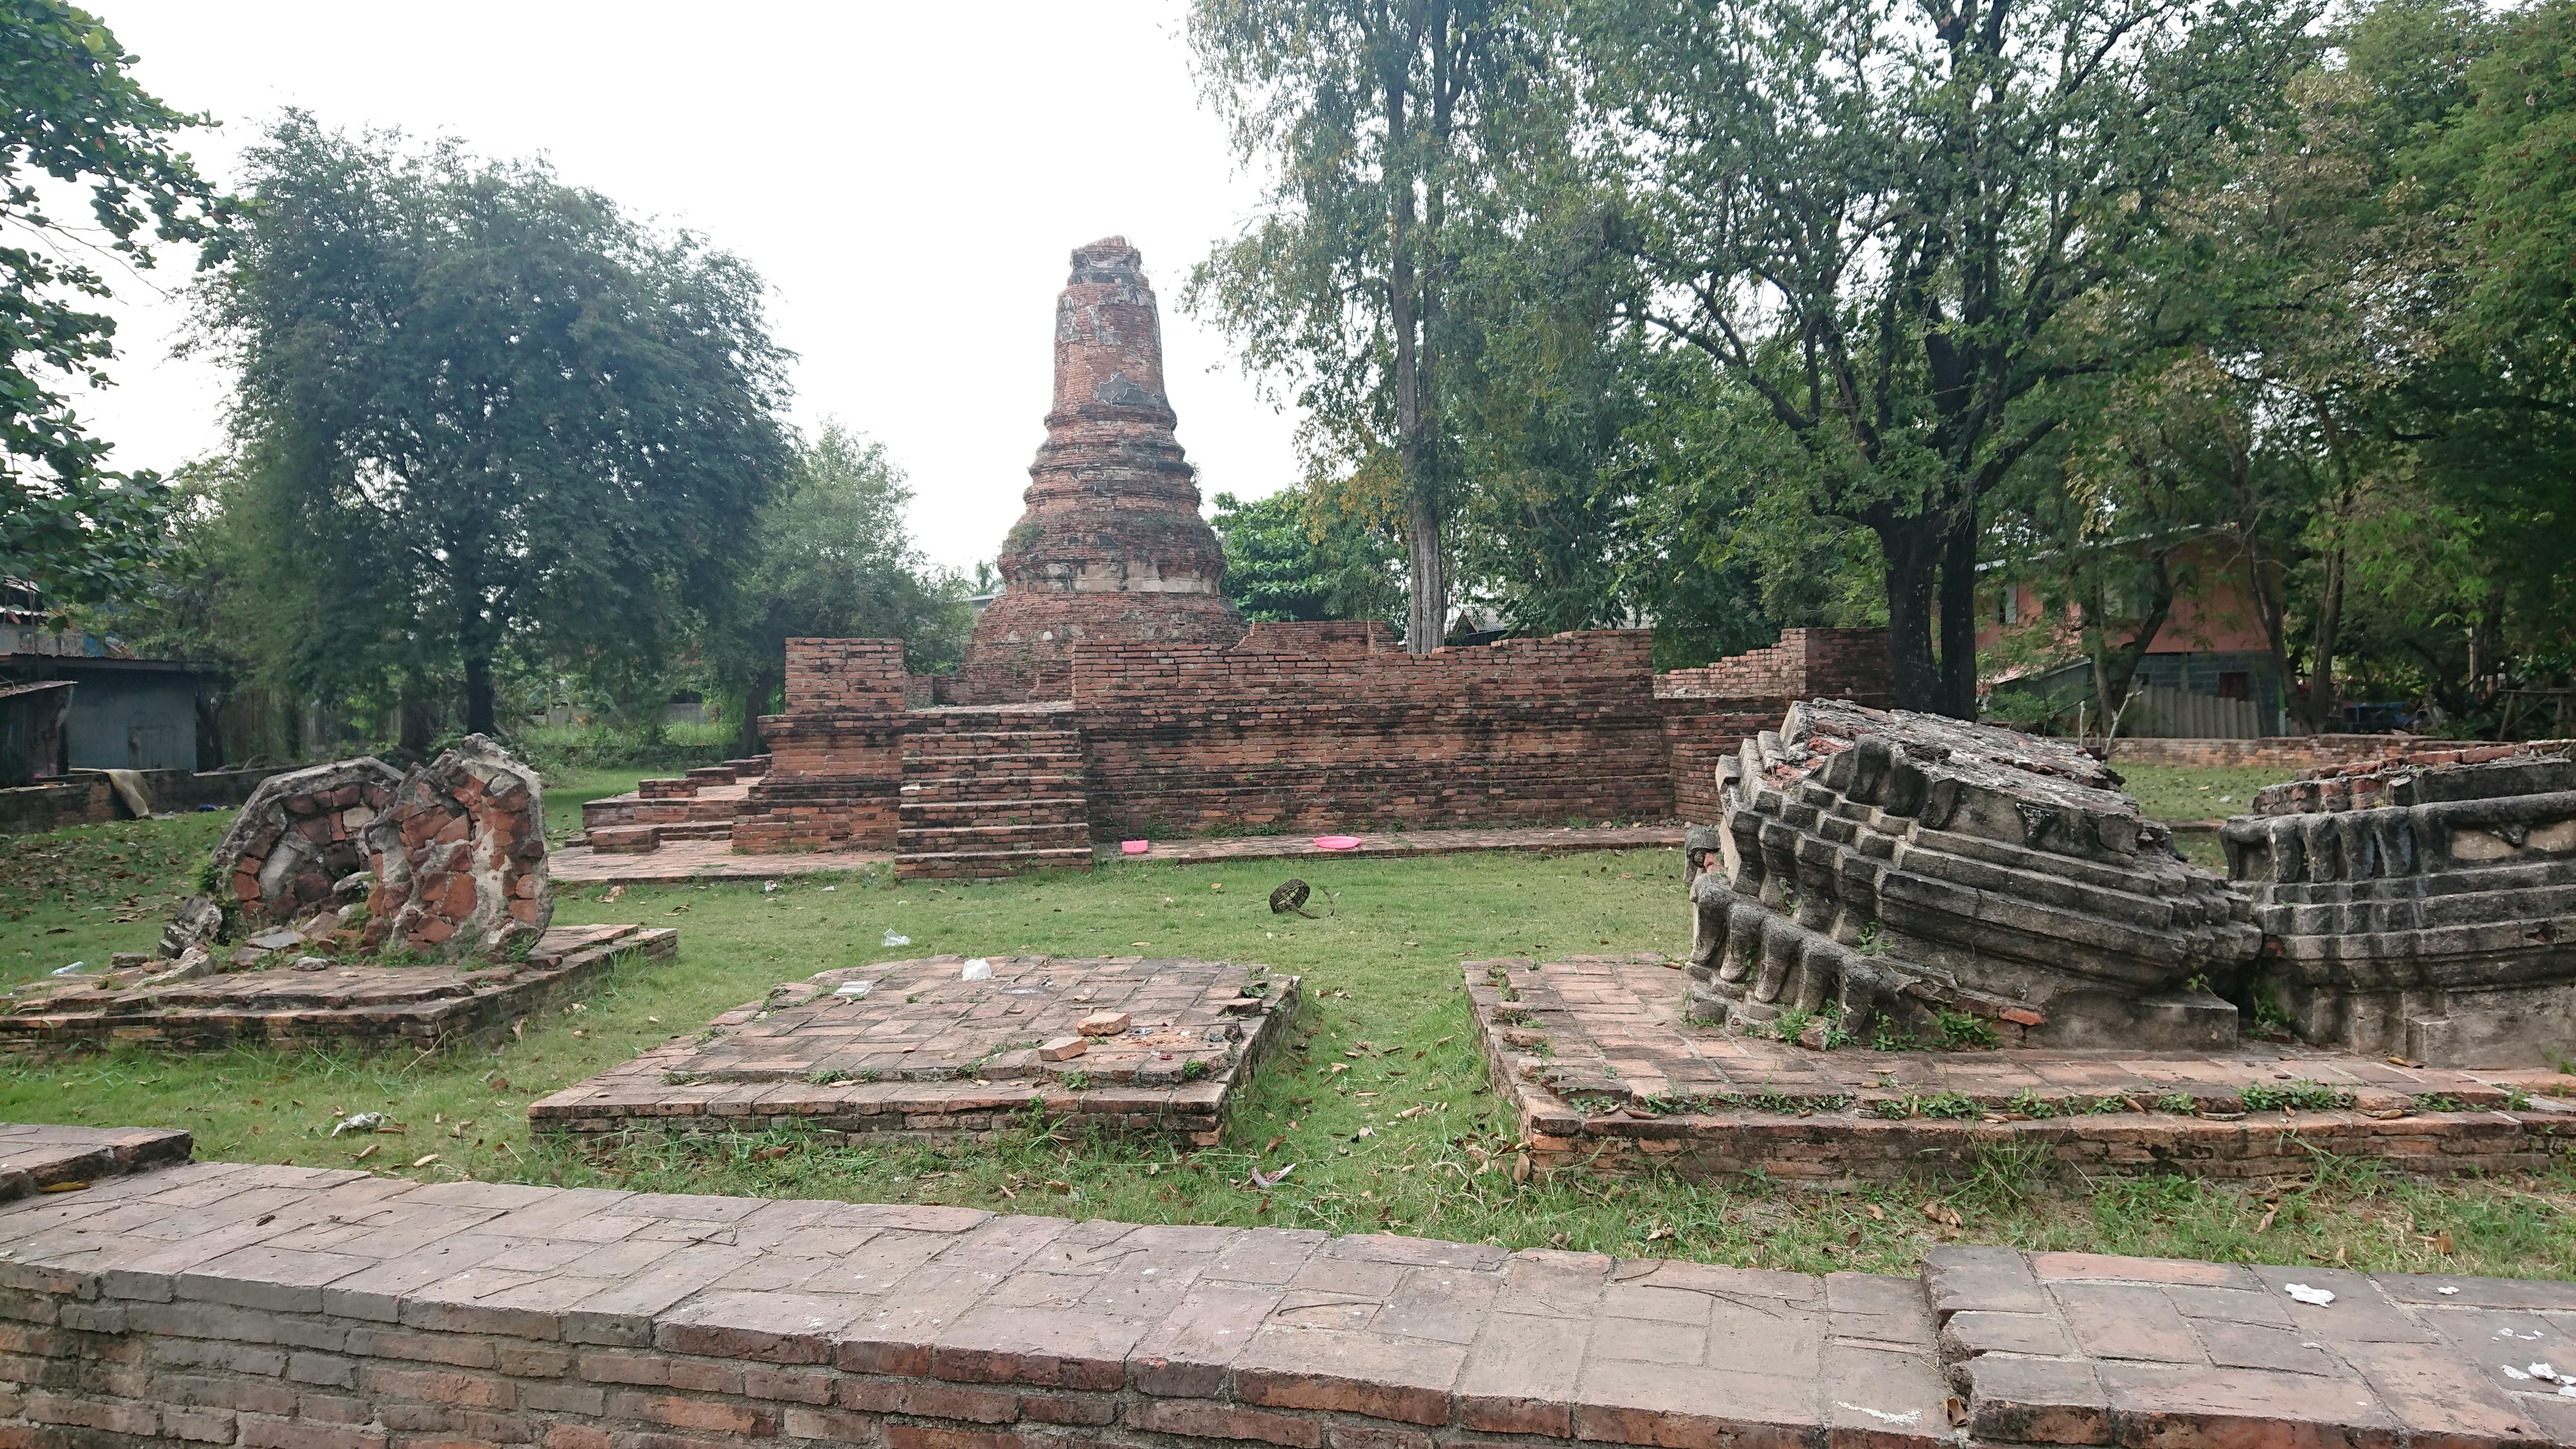 ワットコークプラヤー / アユタヤ王朝での歴史的事件が起こったとされる仏教寺院遺跡